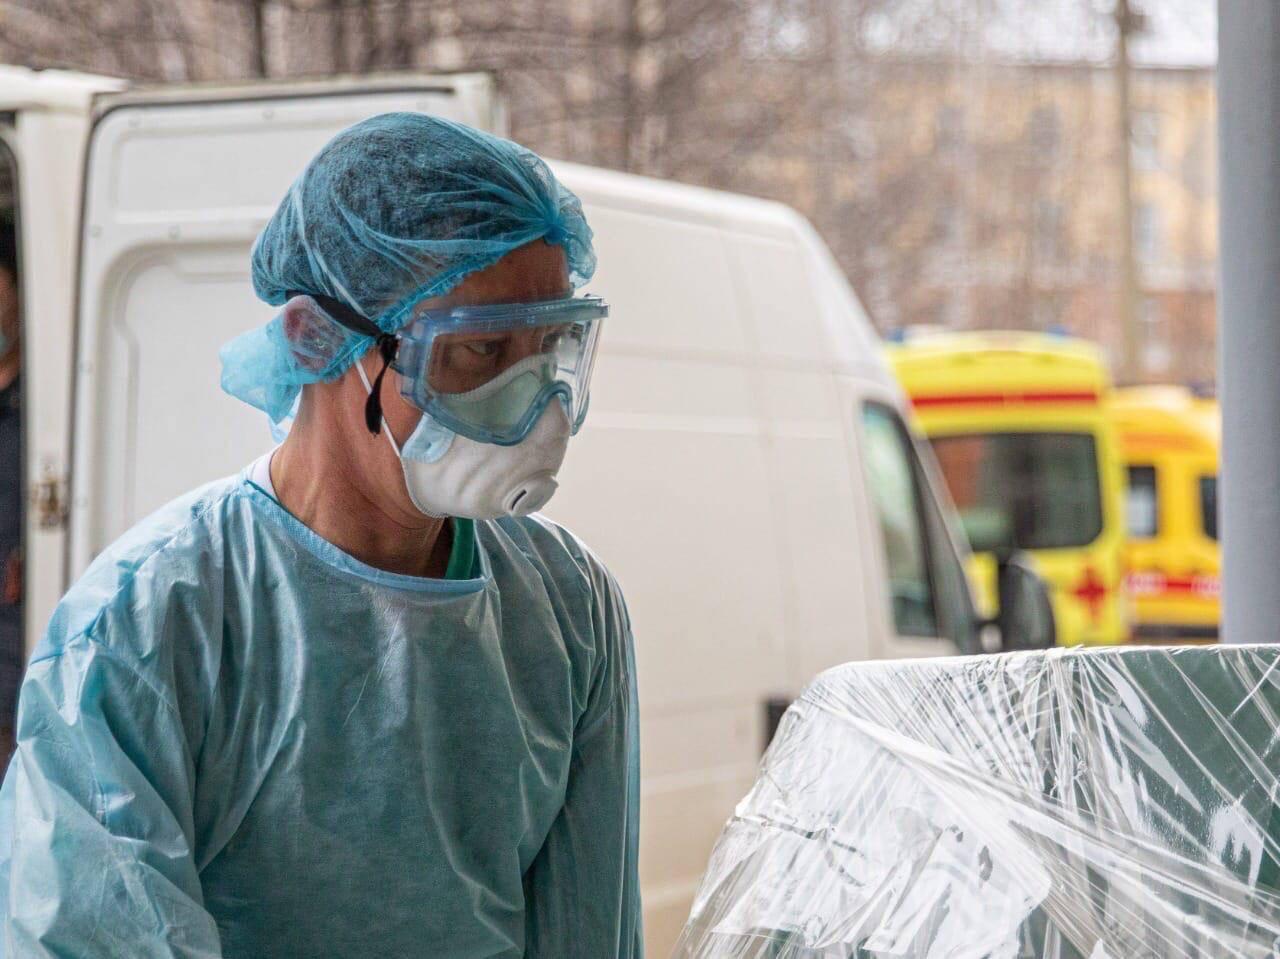 Хорошие новости Руководители подшефной 14-й больницы, которой